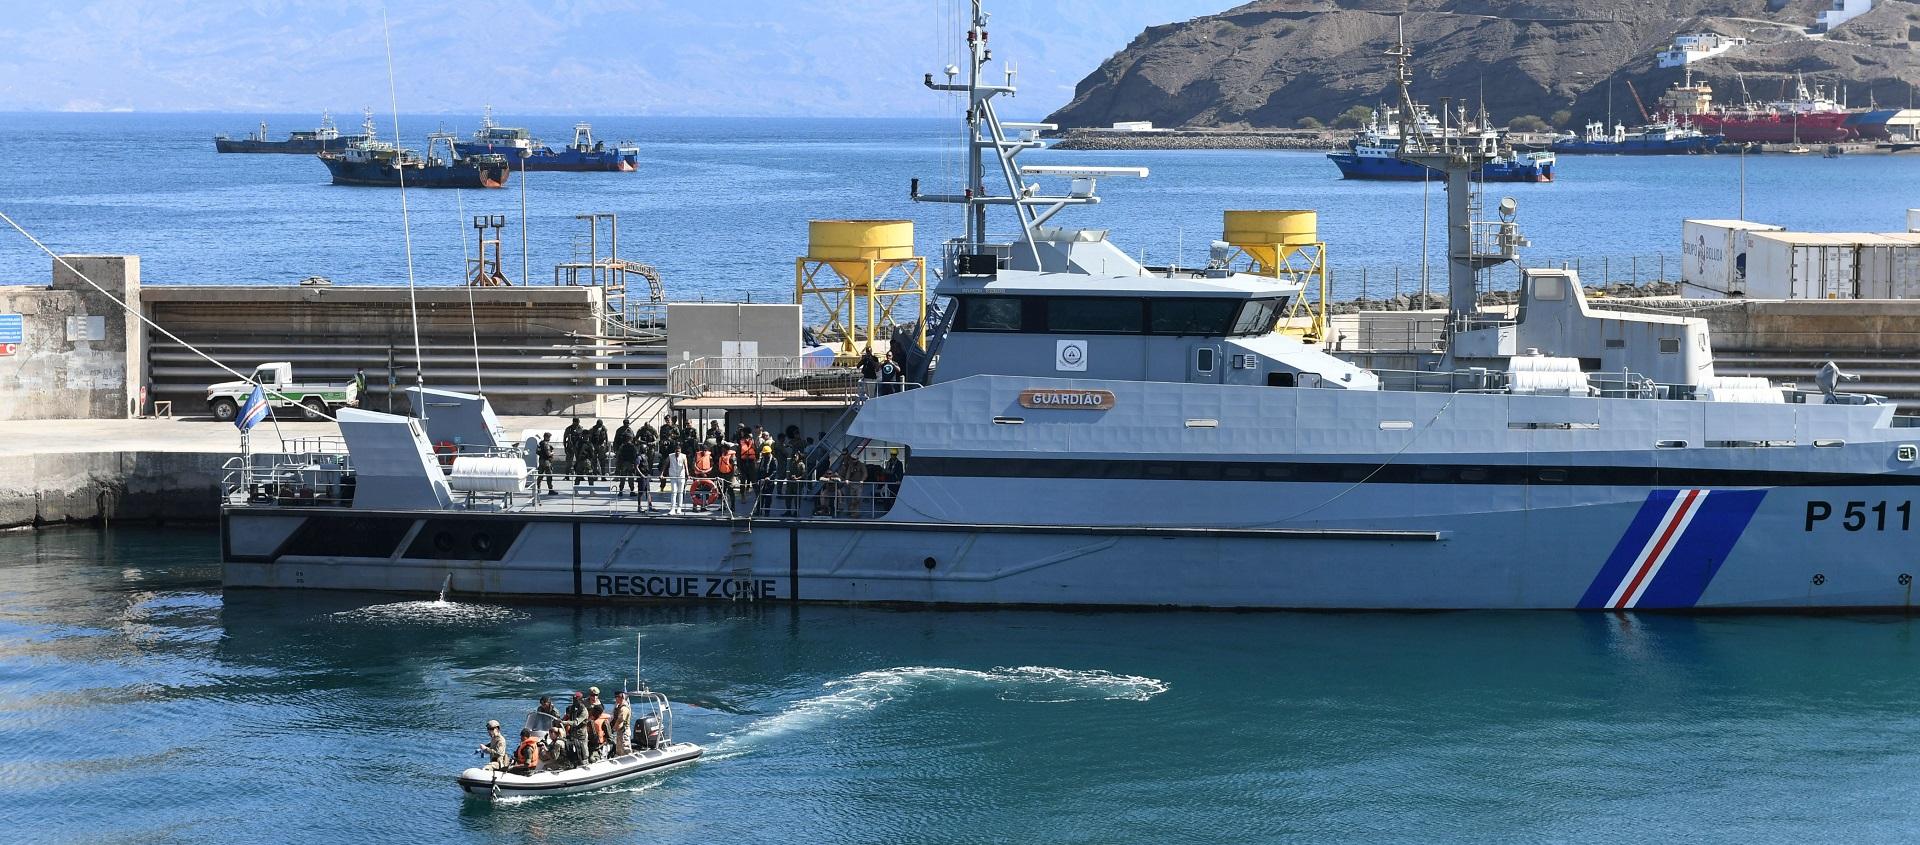 Segurança Marítima na Macaronésia e no Golfo da Guiné: Situação de Cabo Verde (1ª Parte)